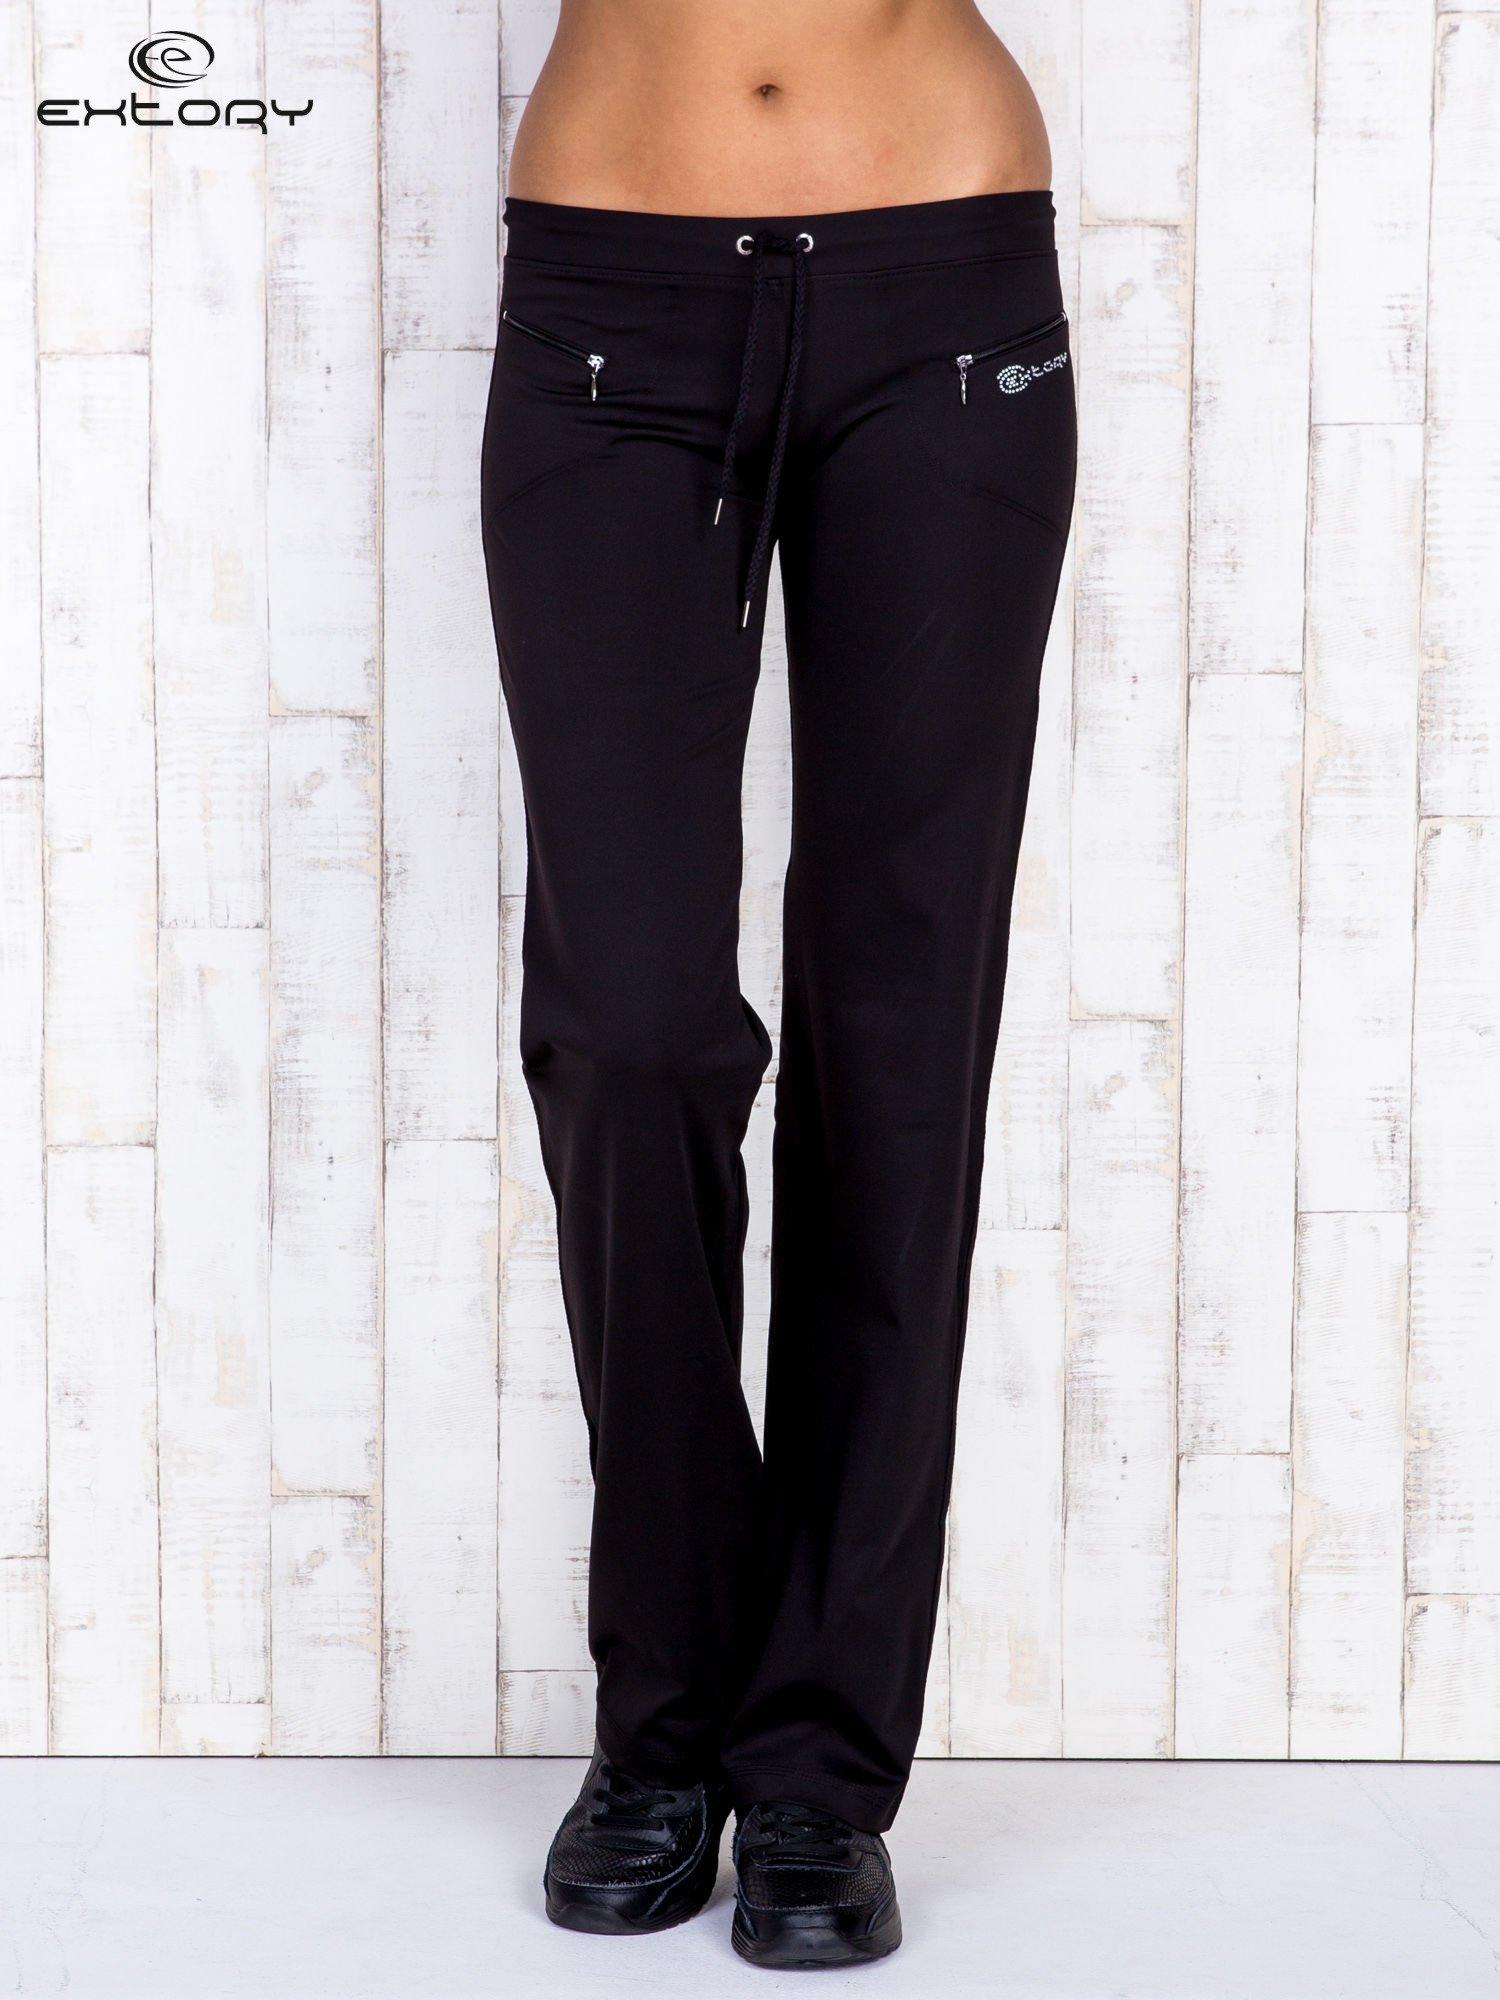 Czarne spodnie dresowe z kieszonkami i dżetami                                  zdj.                                  1